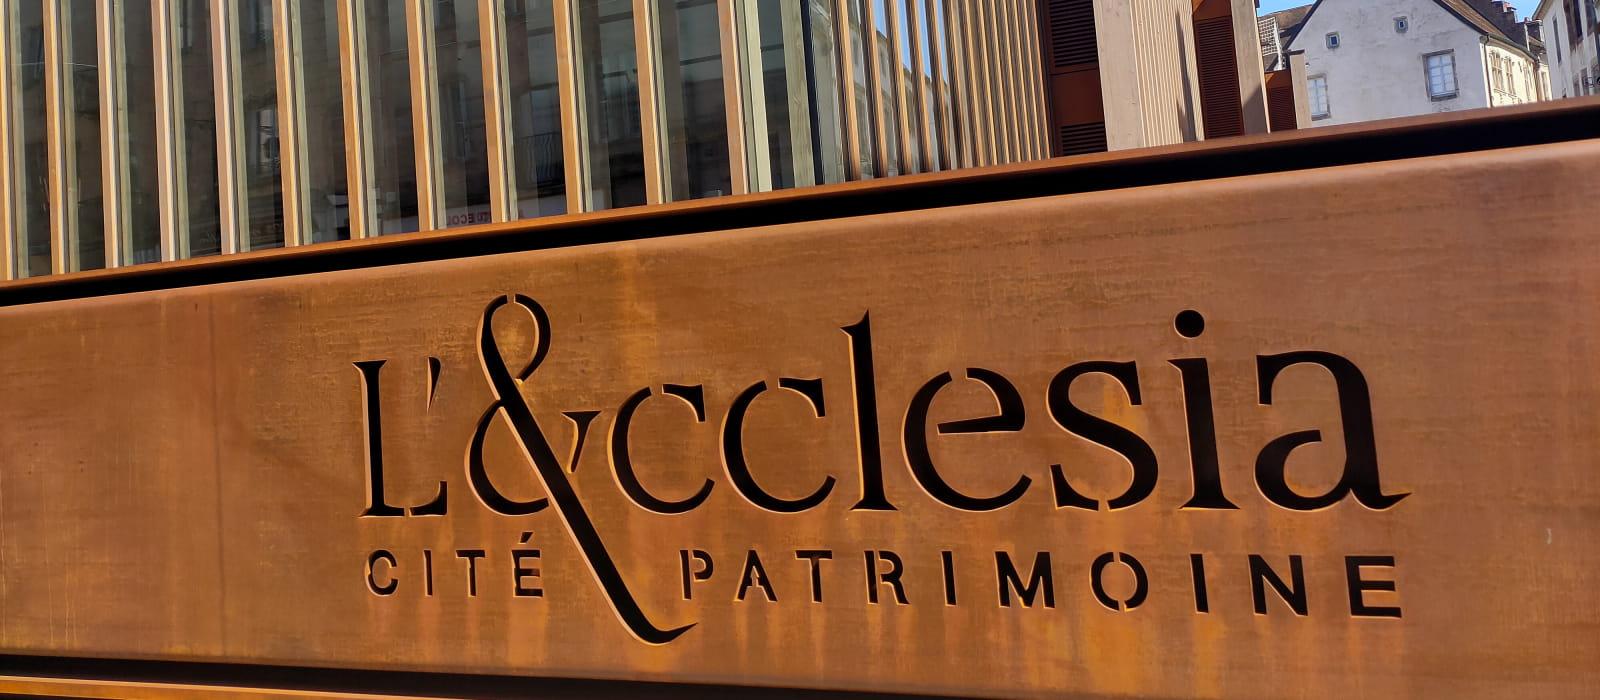 &cclesia, Cité Patrimoine